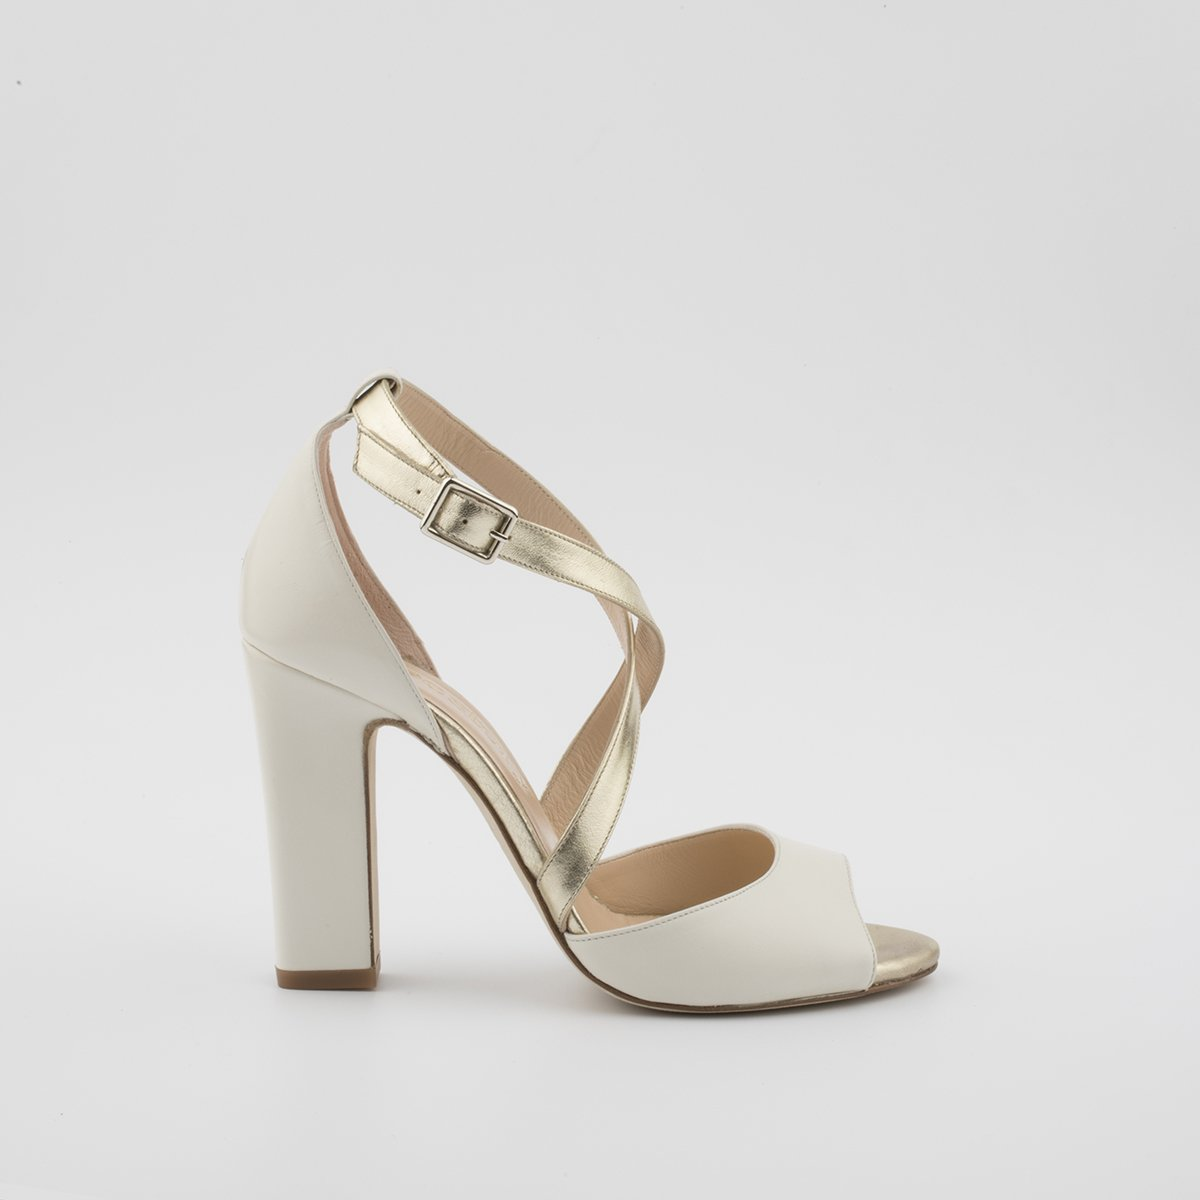 Abril shoes Sandalias Cuero Marrón ClaroTacón: 3 cm LaRNcK